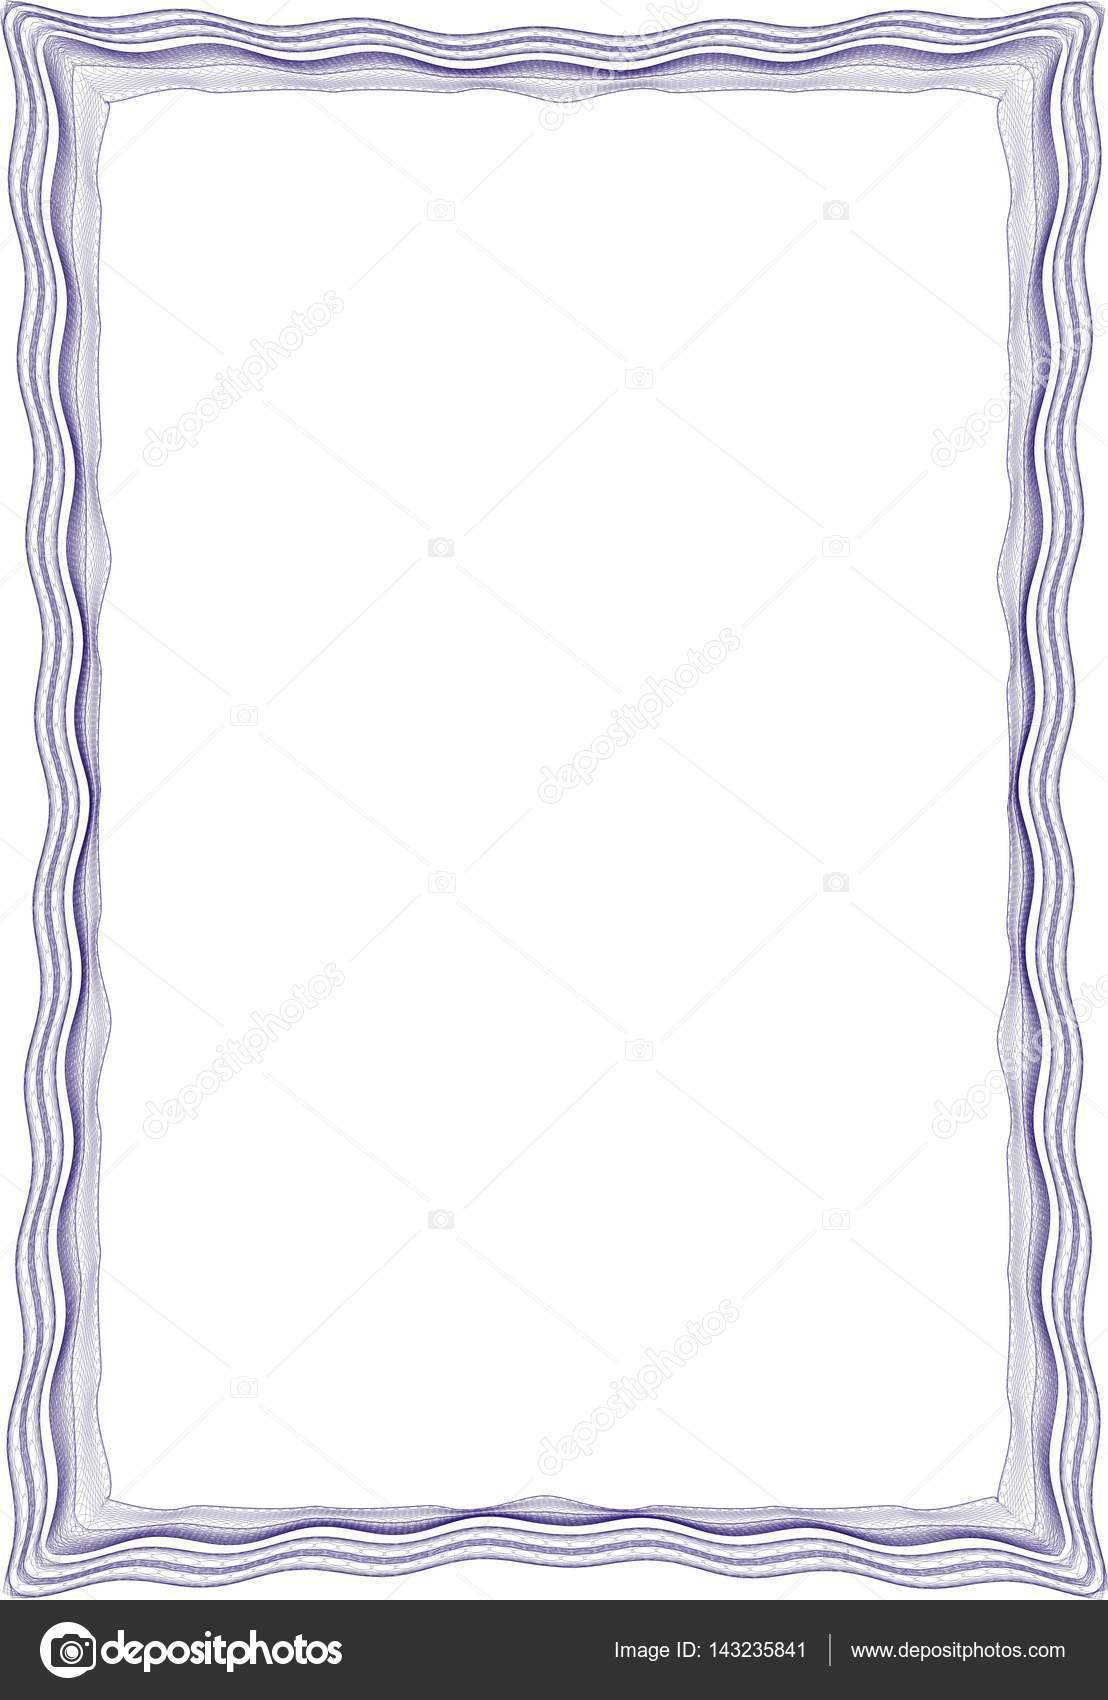 Frame leeren Vorlage für ein Zertifikat — Stockfoto © st481 #143235841